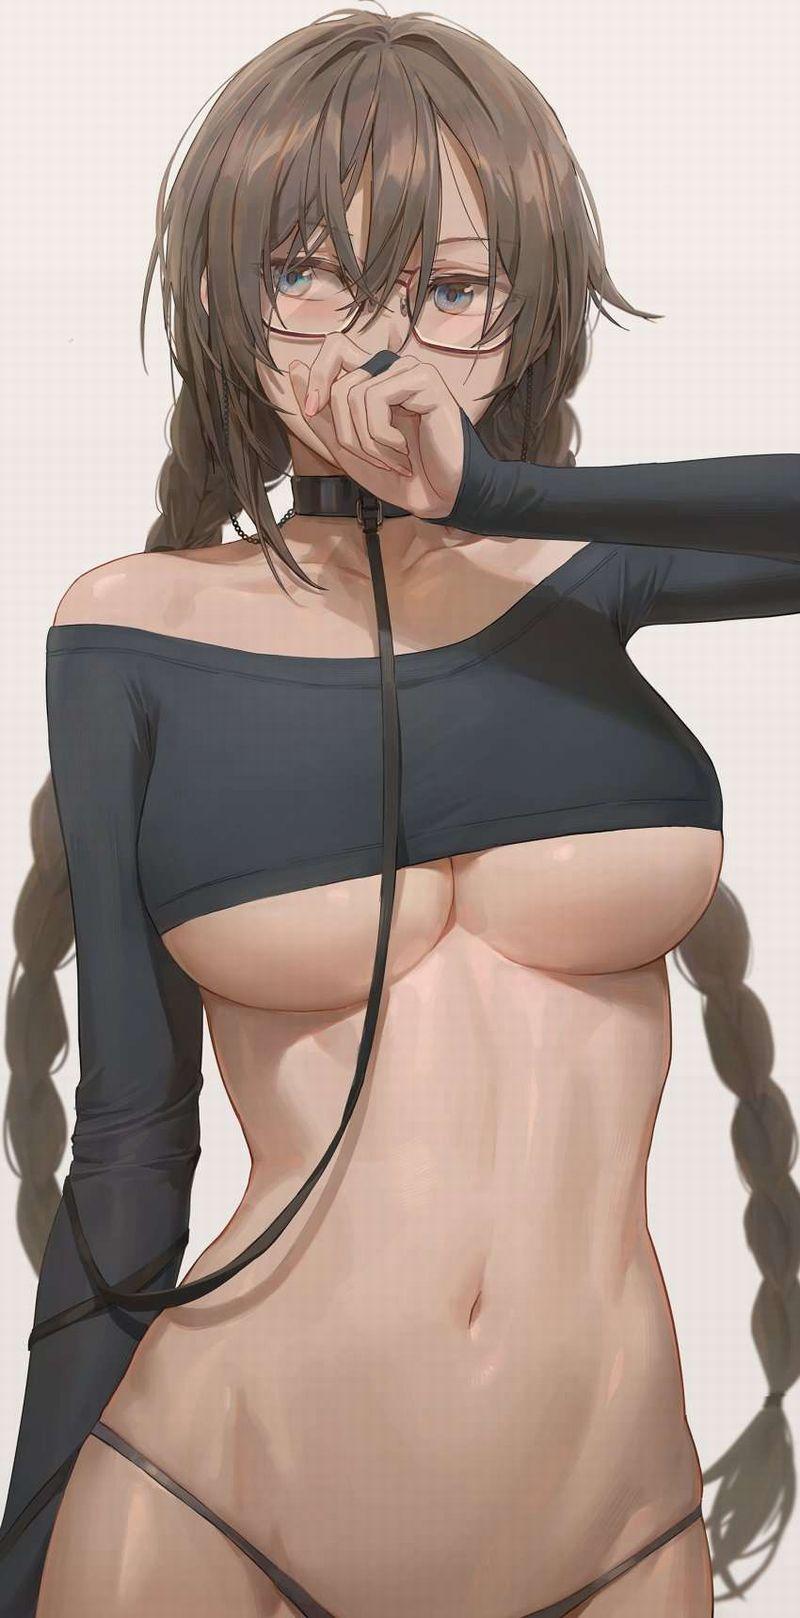 【屋上】胸の大きいいい女の二次エロ画像【メガネ】【31】